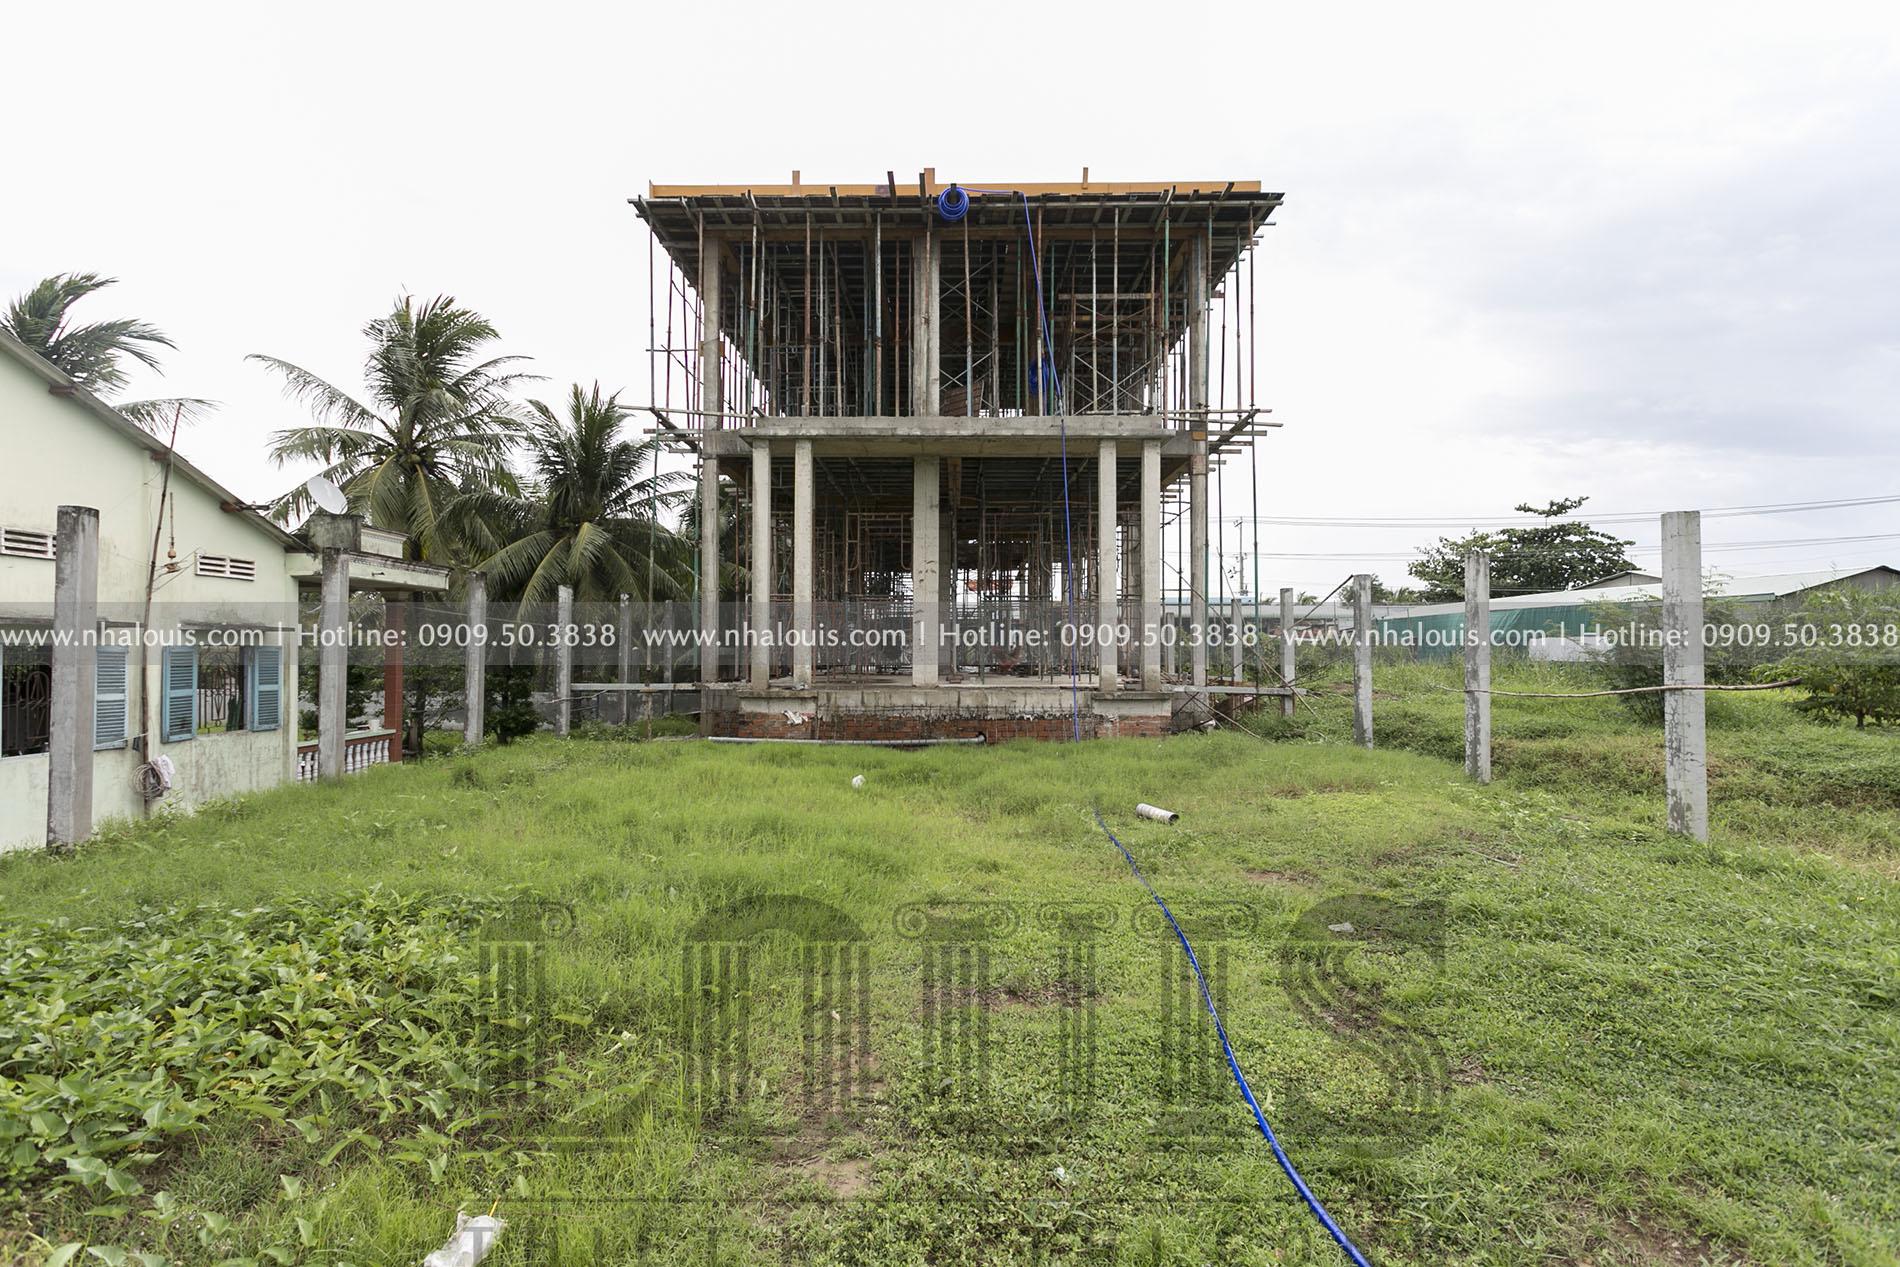 Biệt thự 2 tầng mặt tiền 9m tại Tiền Giang, ý tưởng thú vị cho người lười leo cầu thang